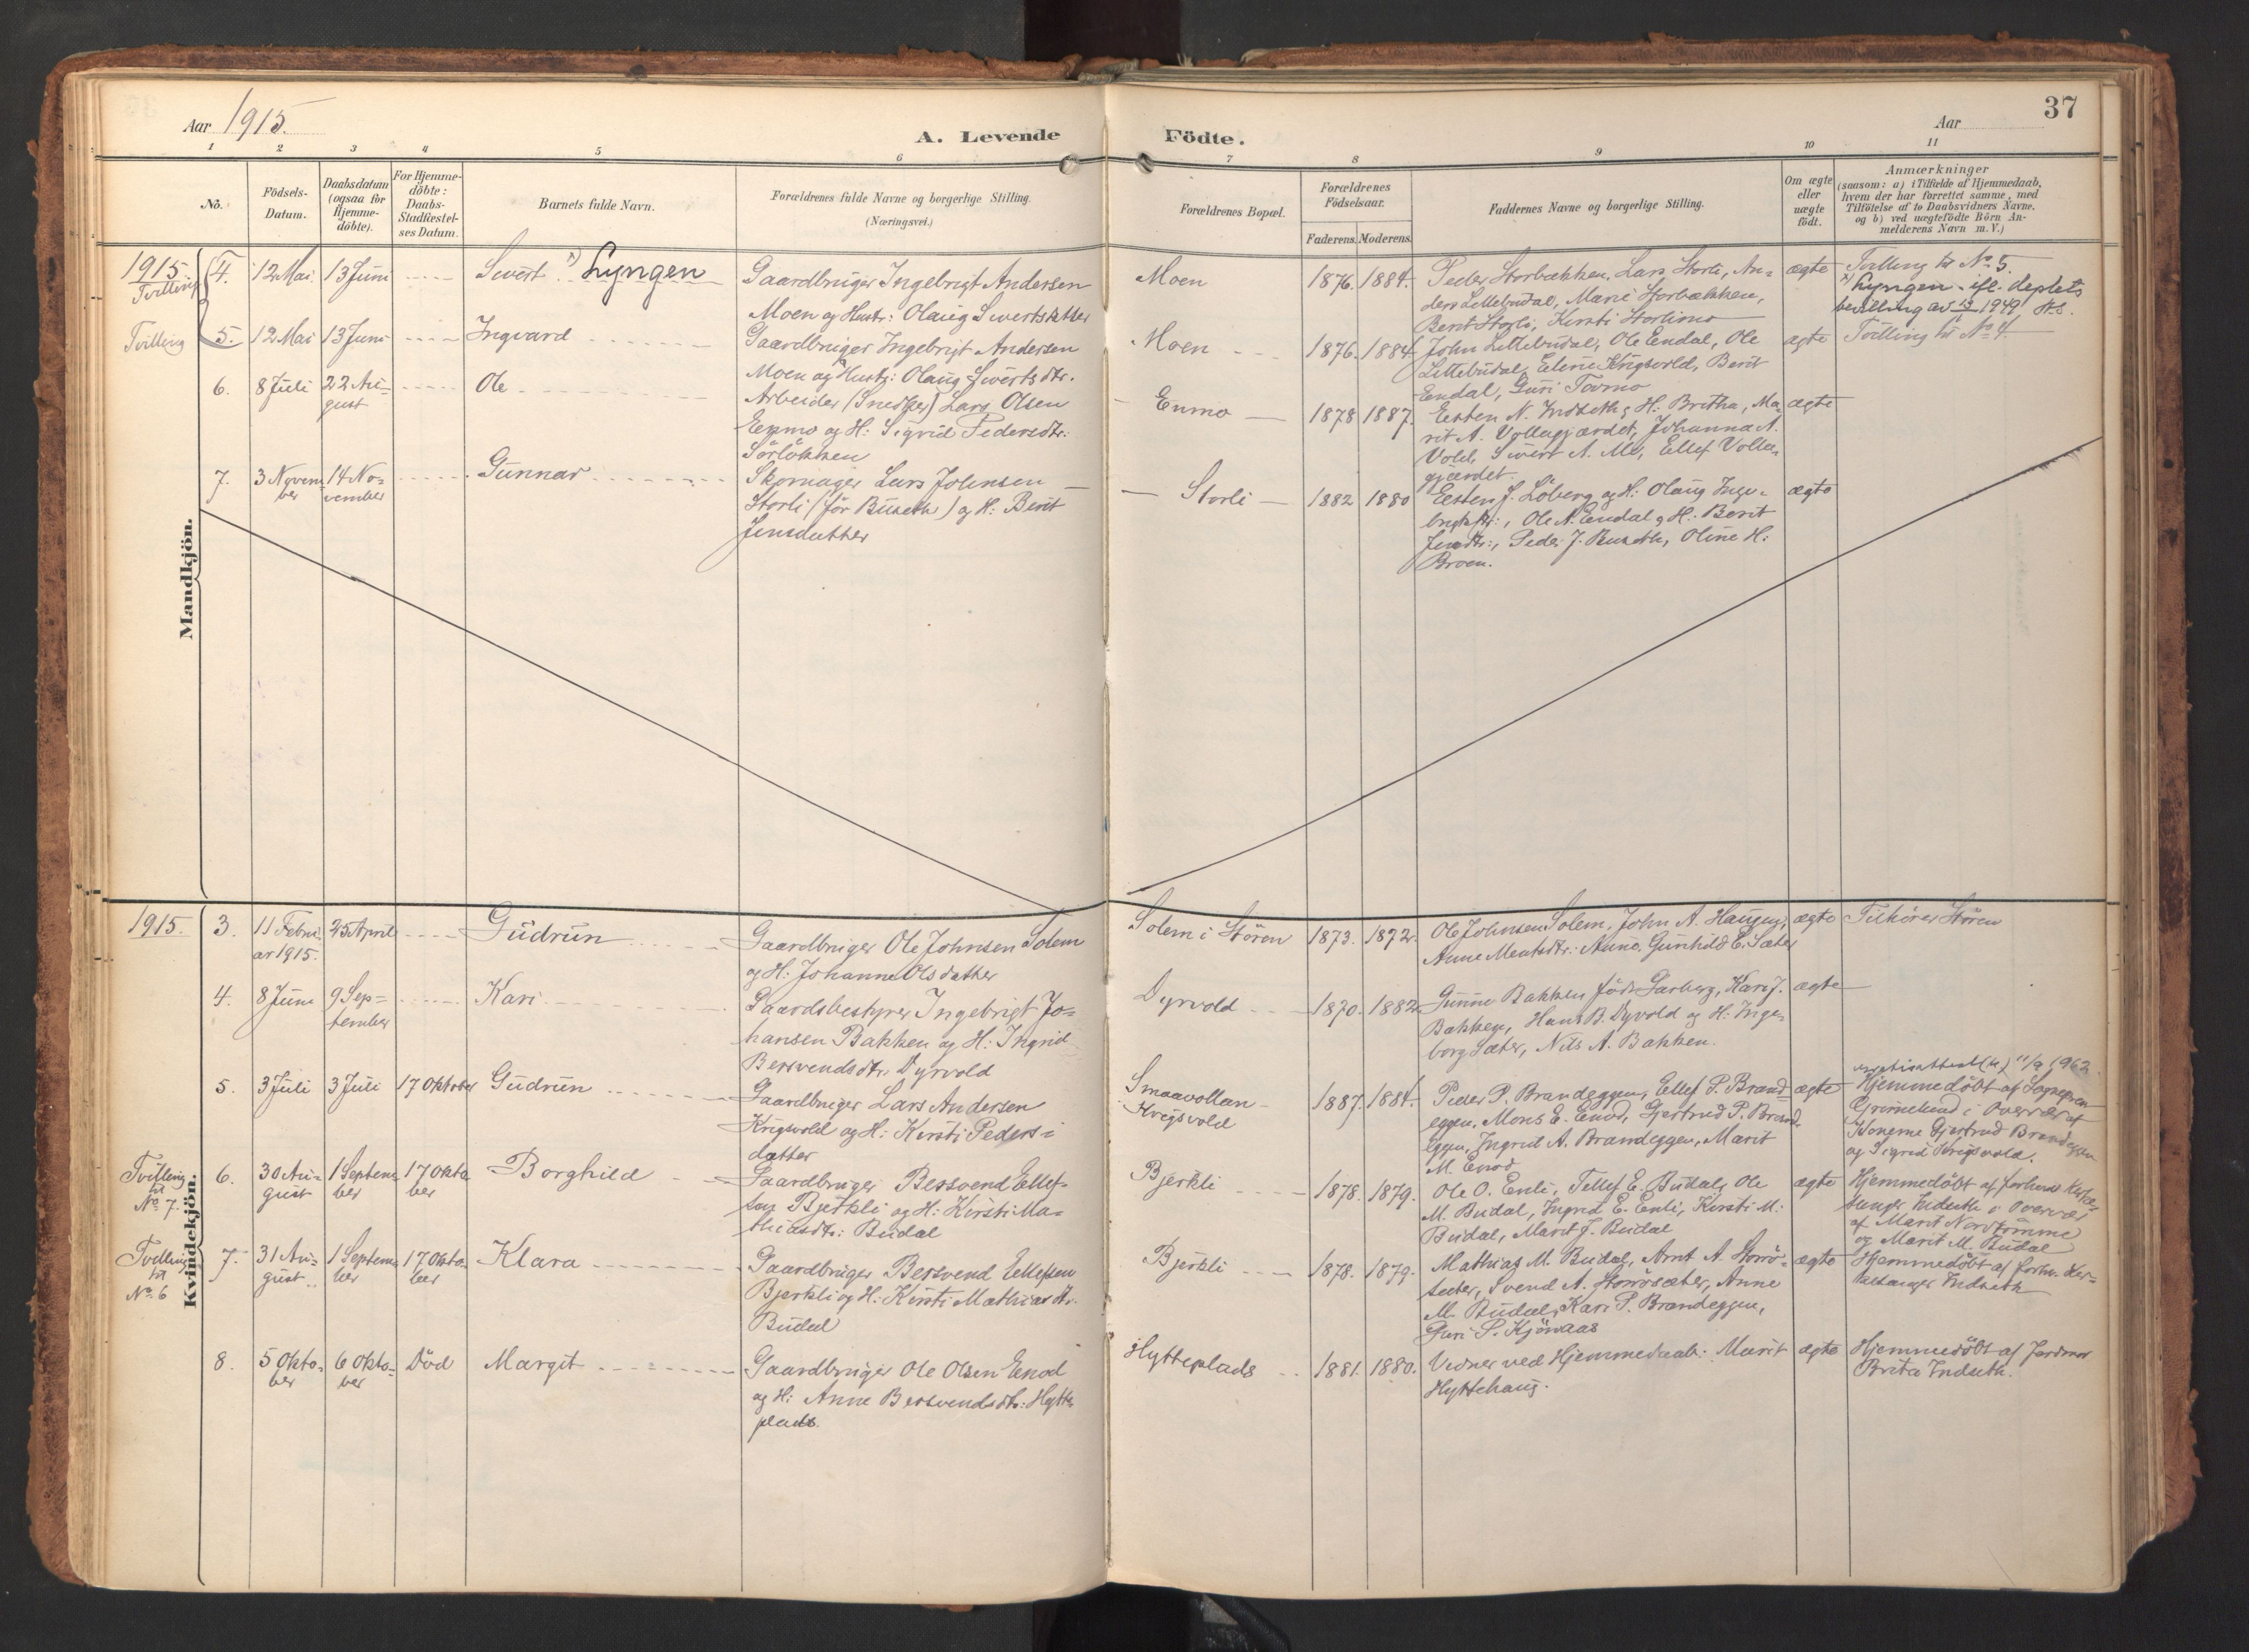 SAT, Ministerialprotokoller, klokkerbøker og fødselsregistre - Sør-Trøndelag, 690/L1050: Ministerialbok nr. 690A01, 1889-1929, s. 37